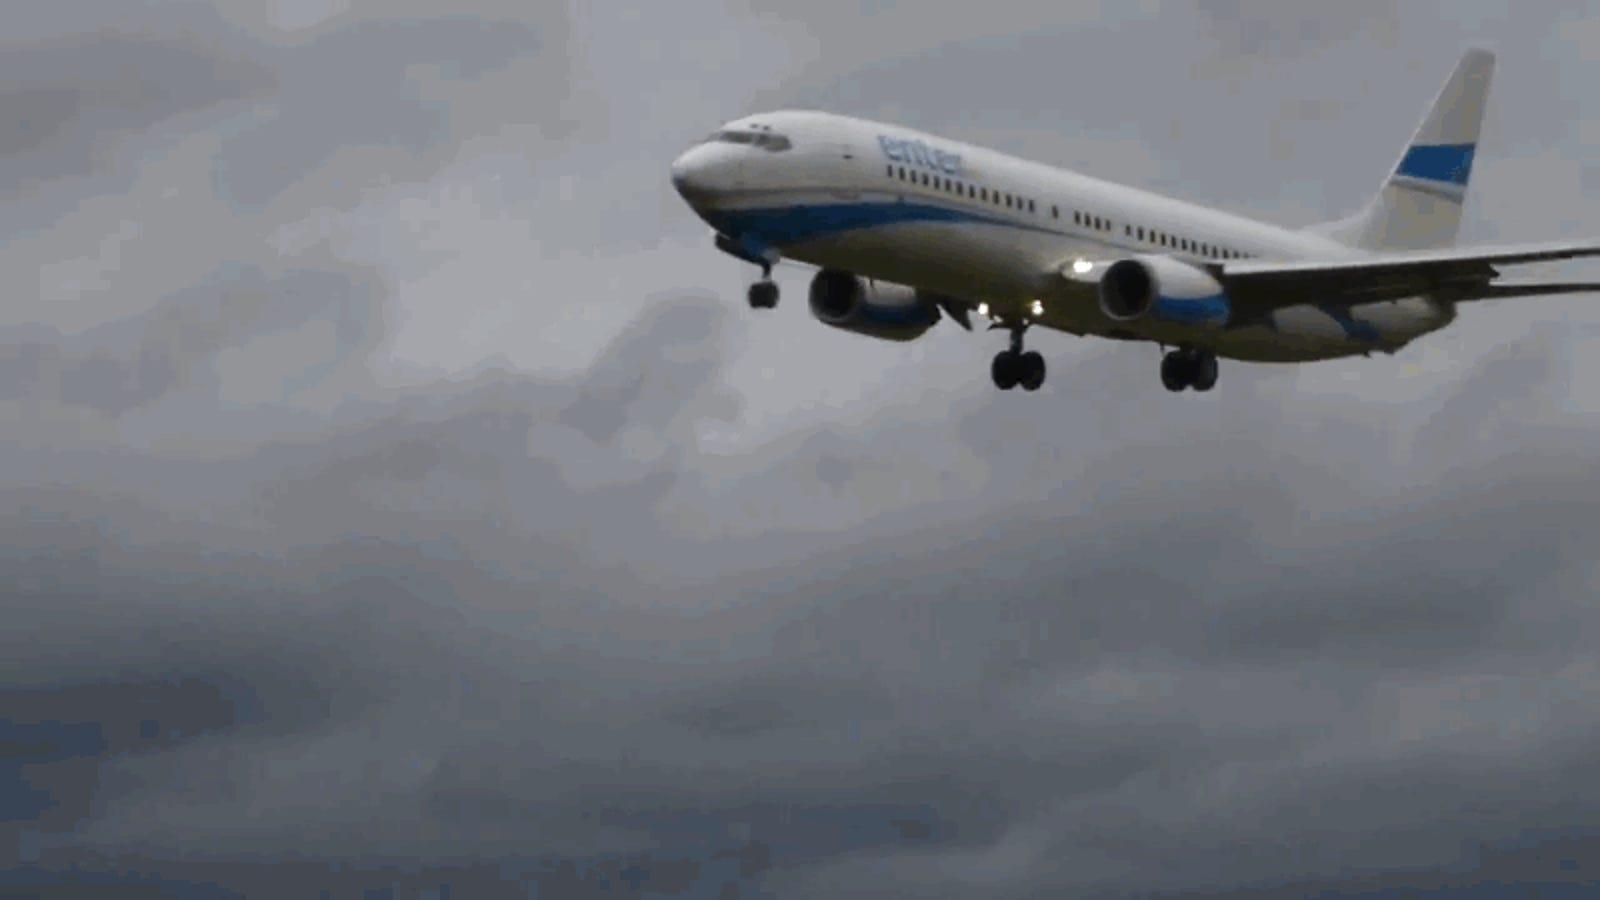 El aterrador momento en el que un Boeing 737 aterriza, toca tierra y vuelve a despegar por culpa del viento cruzado